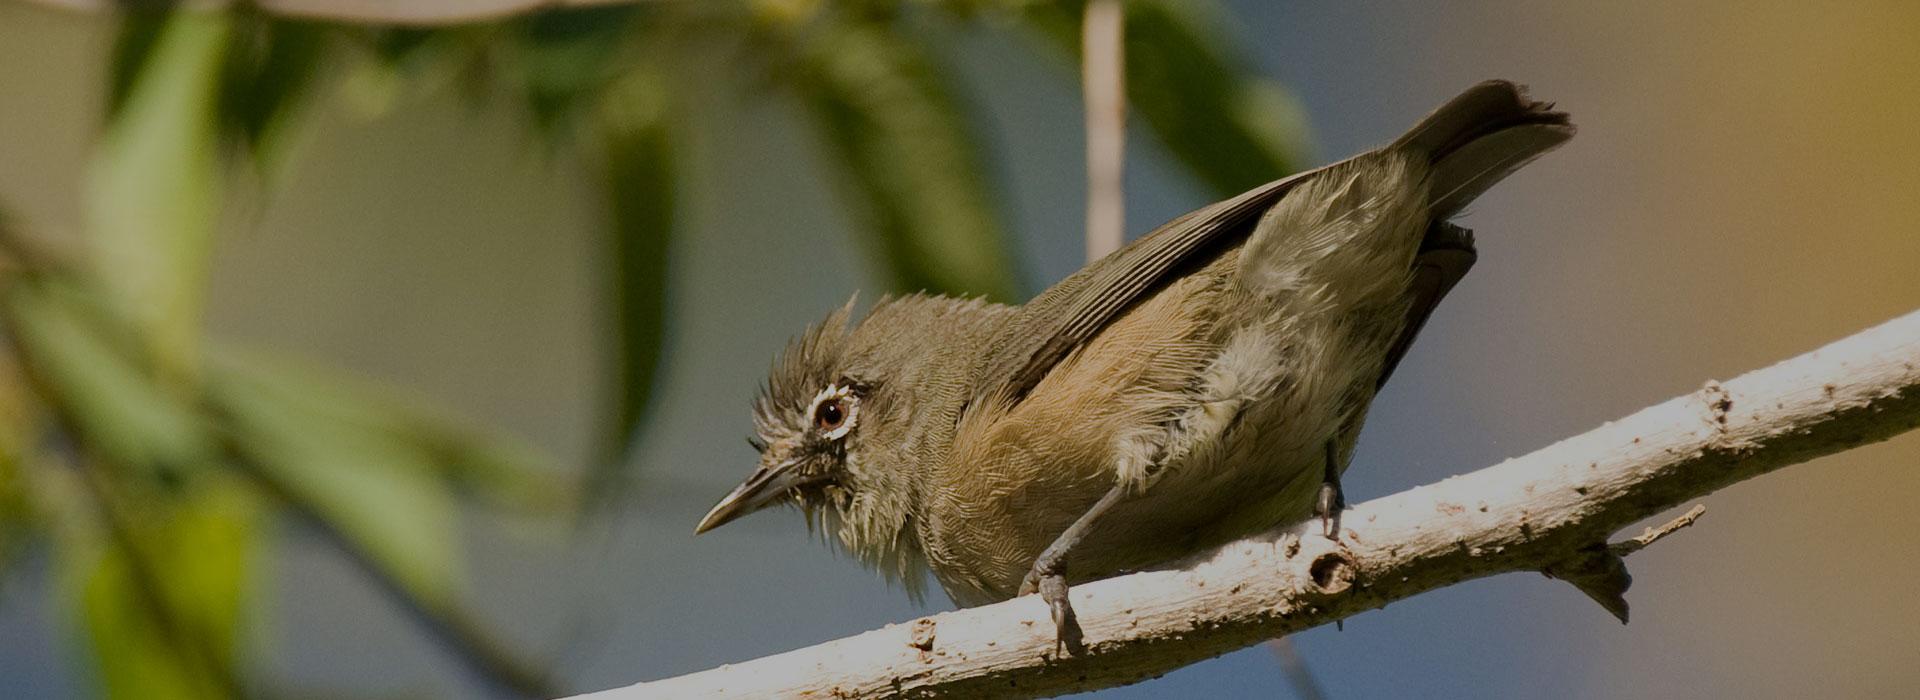 8 Days Tanzania Birding Safari